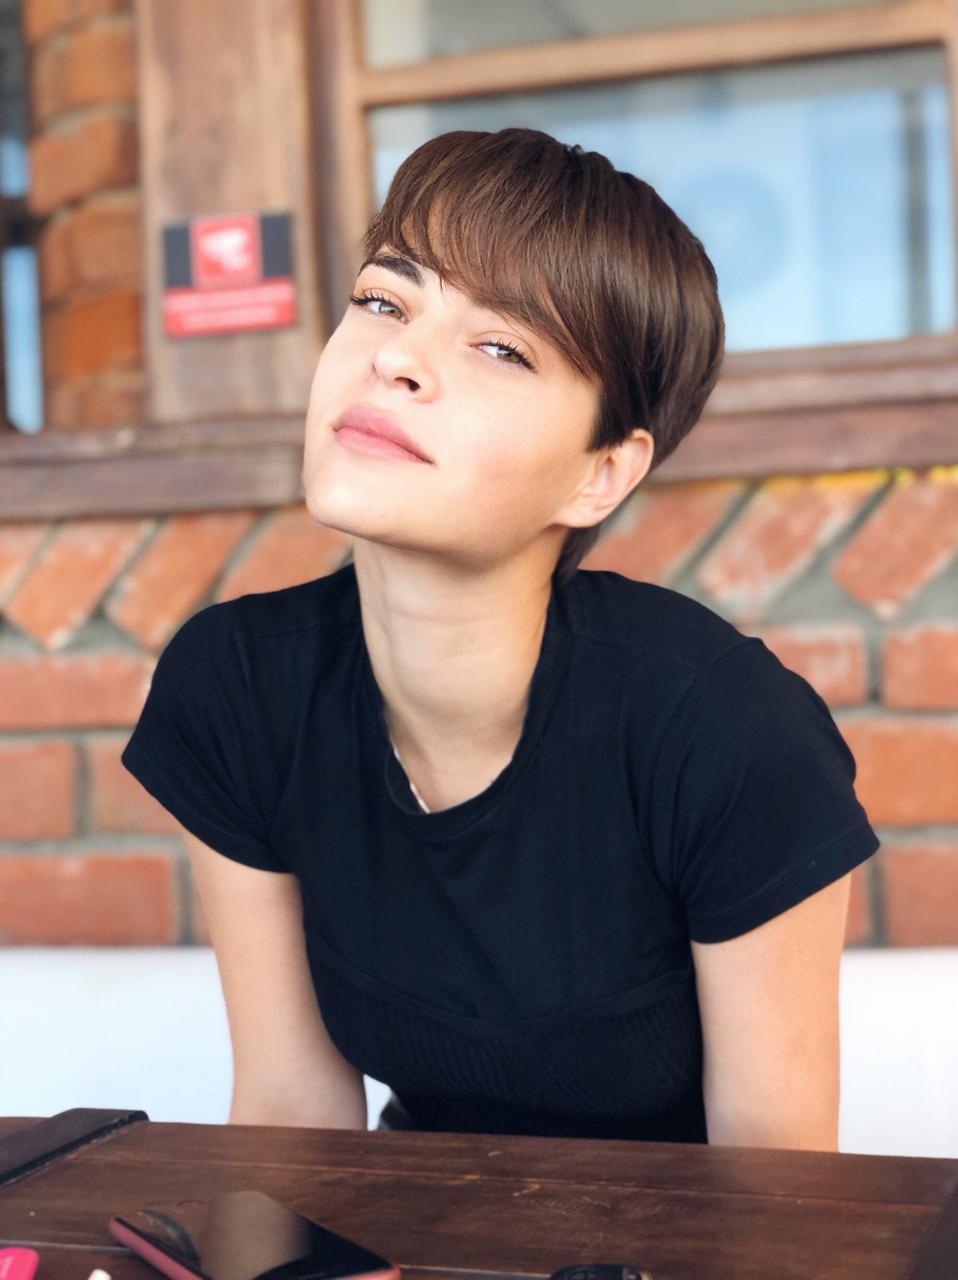 Emmanouela Maina